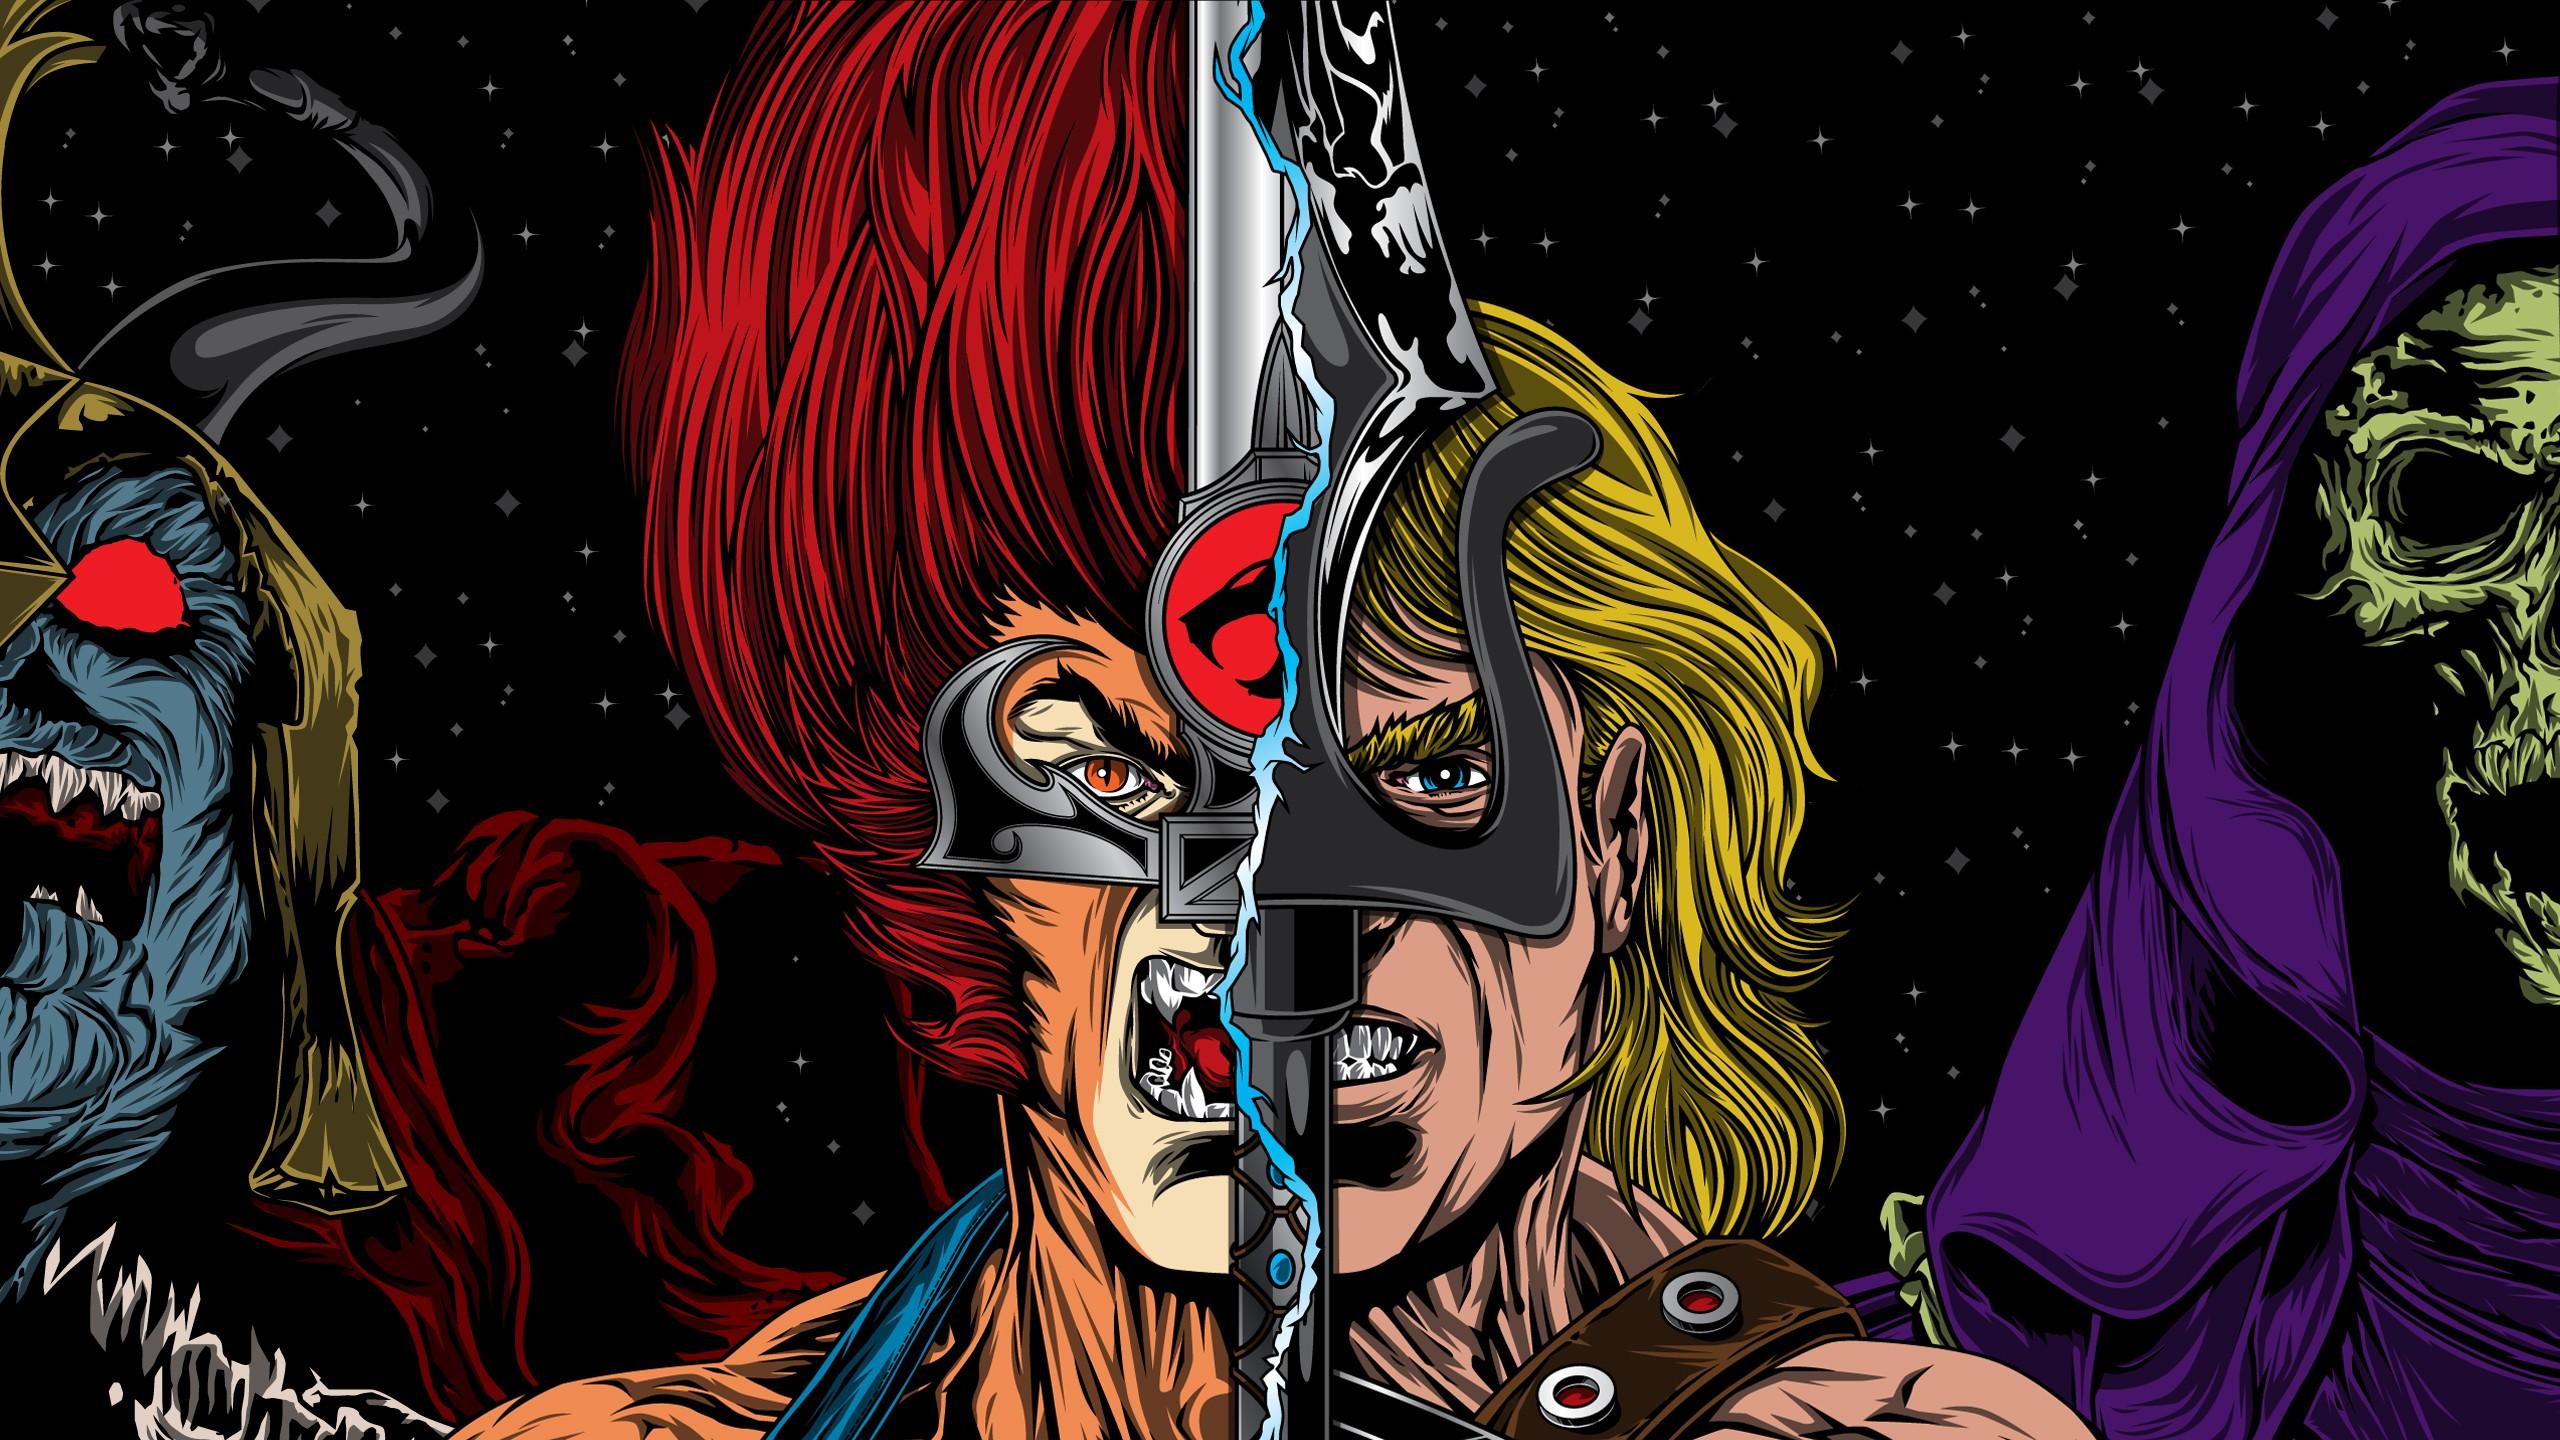 Histria Em Quadrinhos   Collage He Man Thundercats Papel de Parede 2560x1440